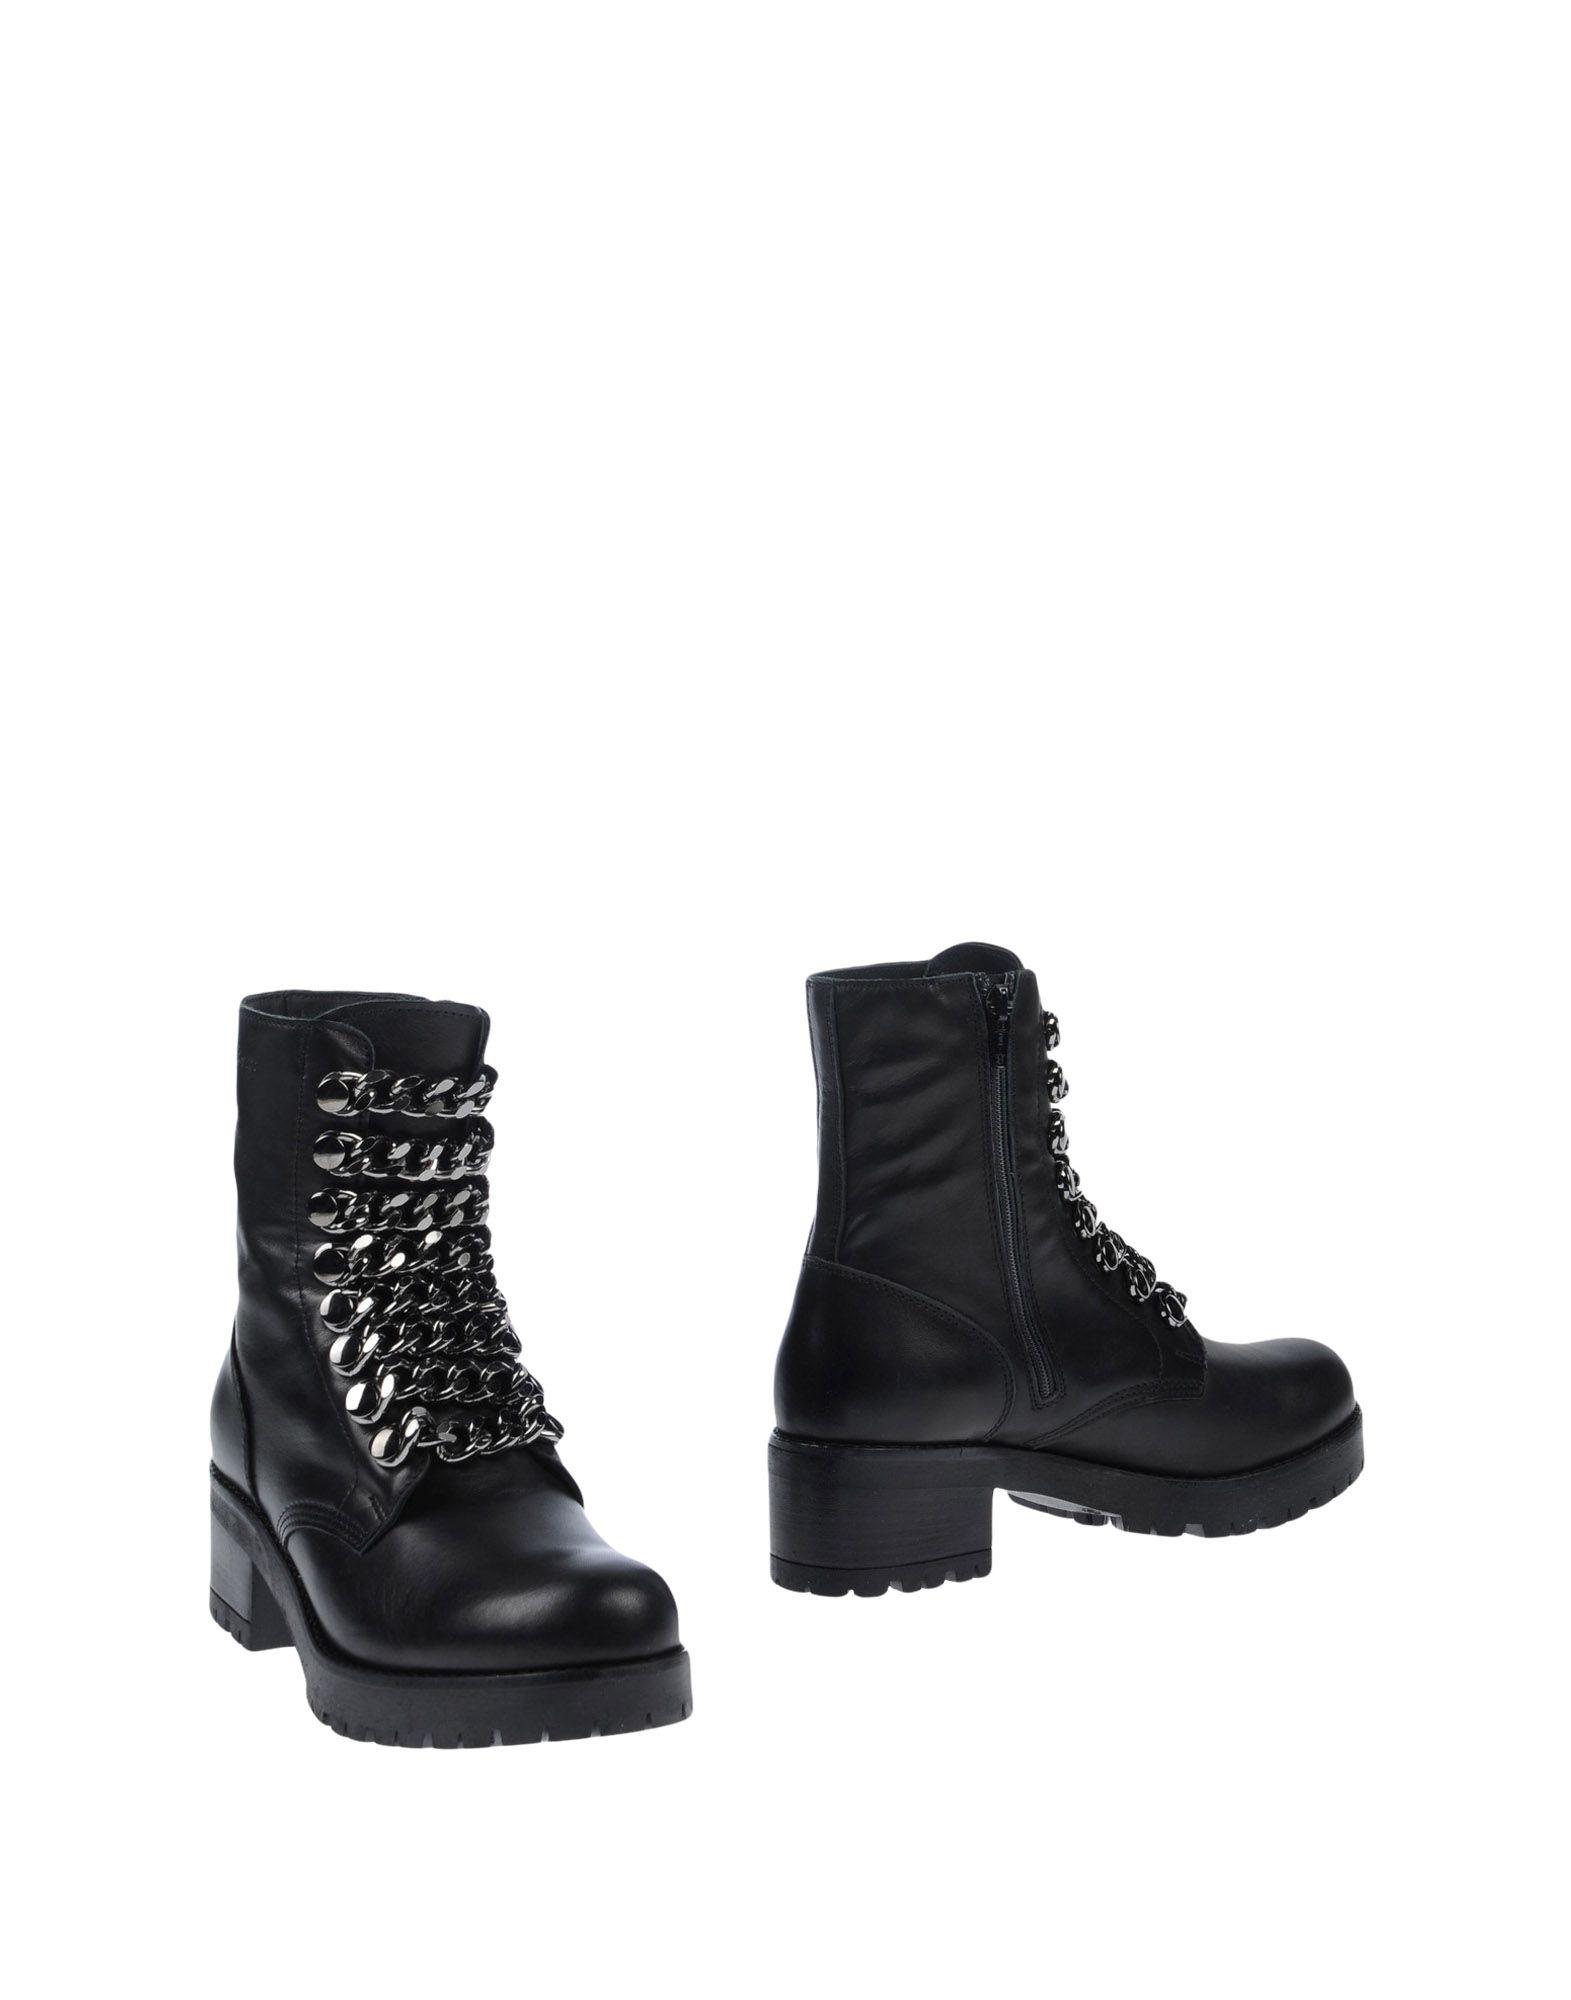 Le Dangerouge Le Ankle Boot - Women Le Dangerouge Dangerouge Ankle Boots online on  Australia - 11506328KK 1577ef